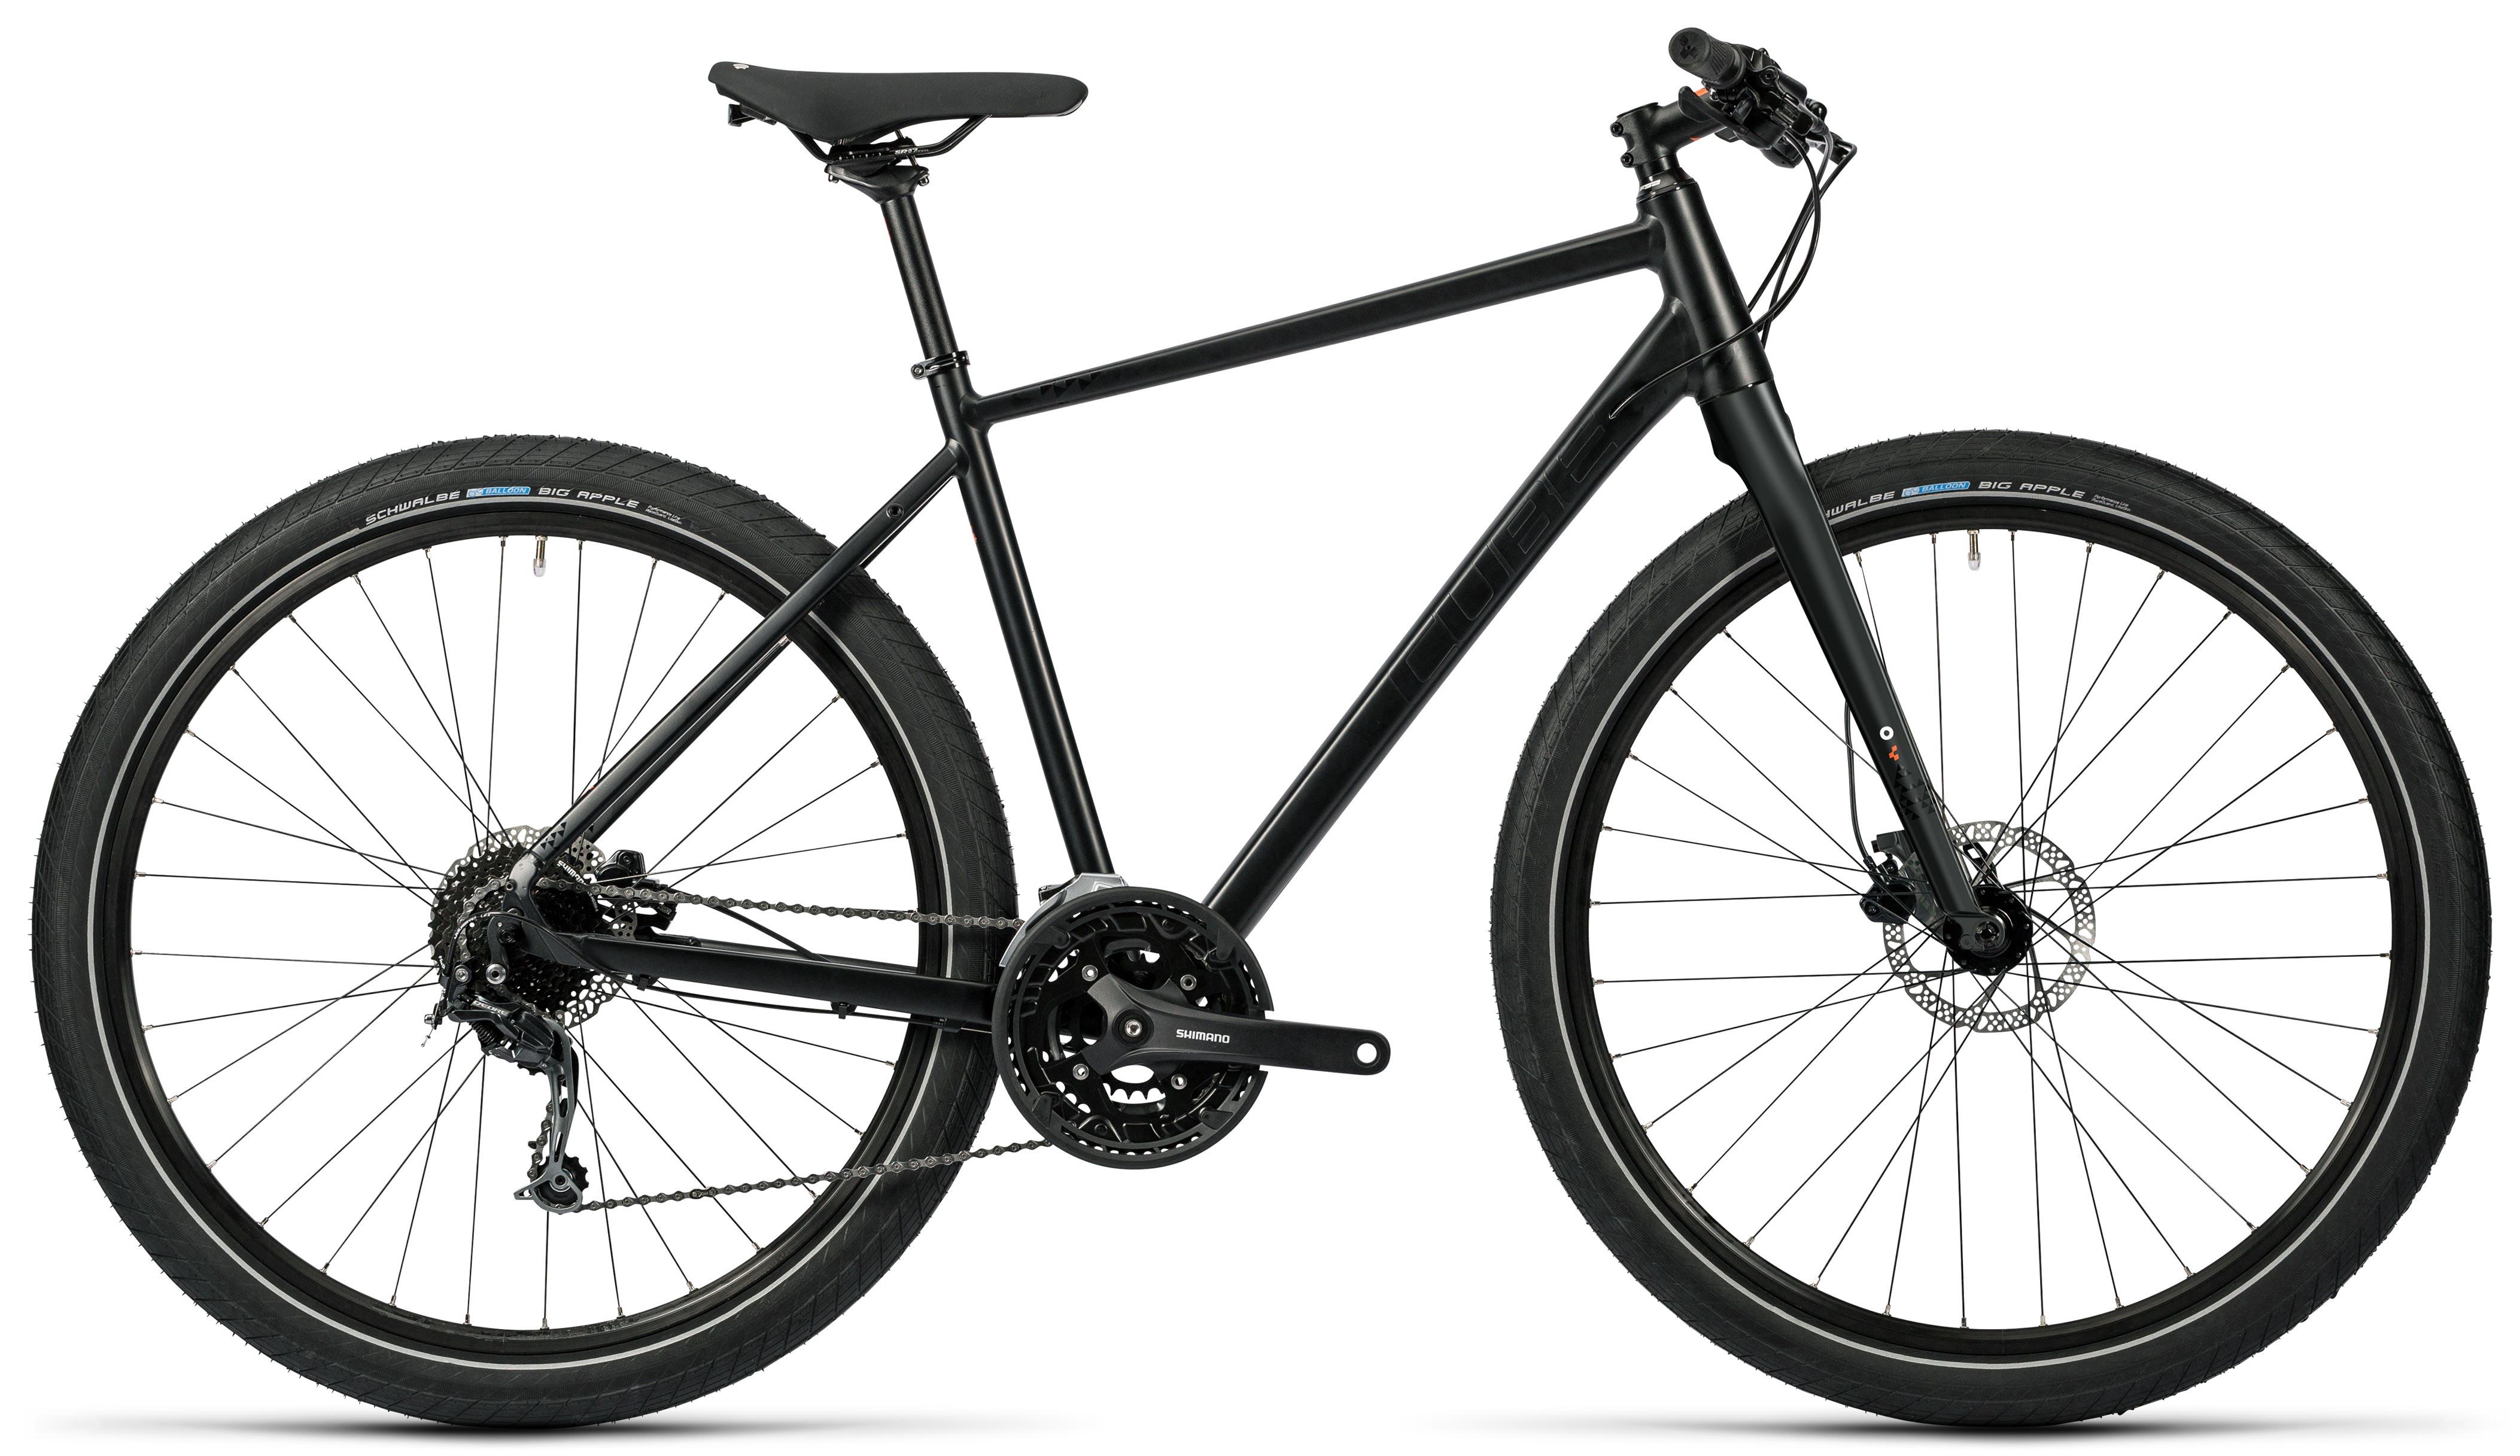 cube online shop alles min 20 reduziert jetzt bei bike mailorder bestellen. Black Bedroom Furniture Sets. Home Design Ideas